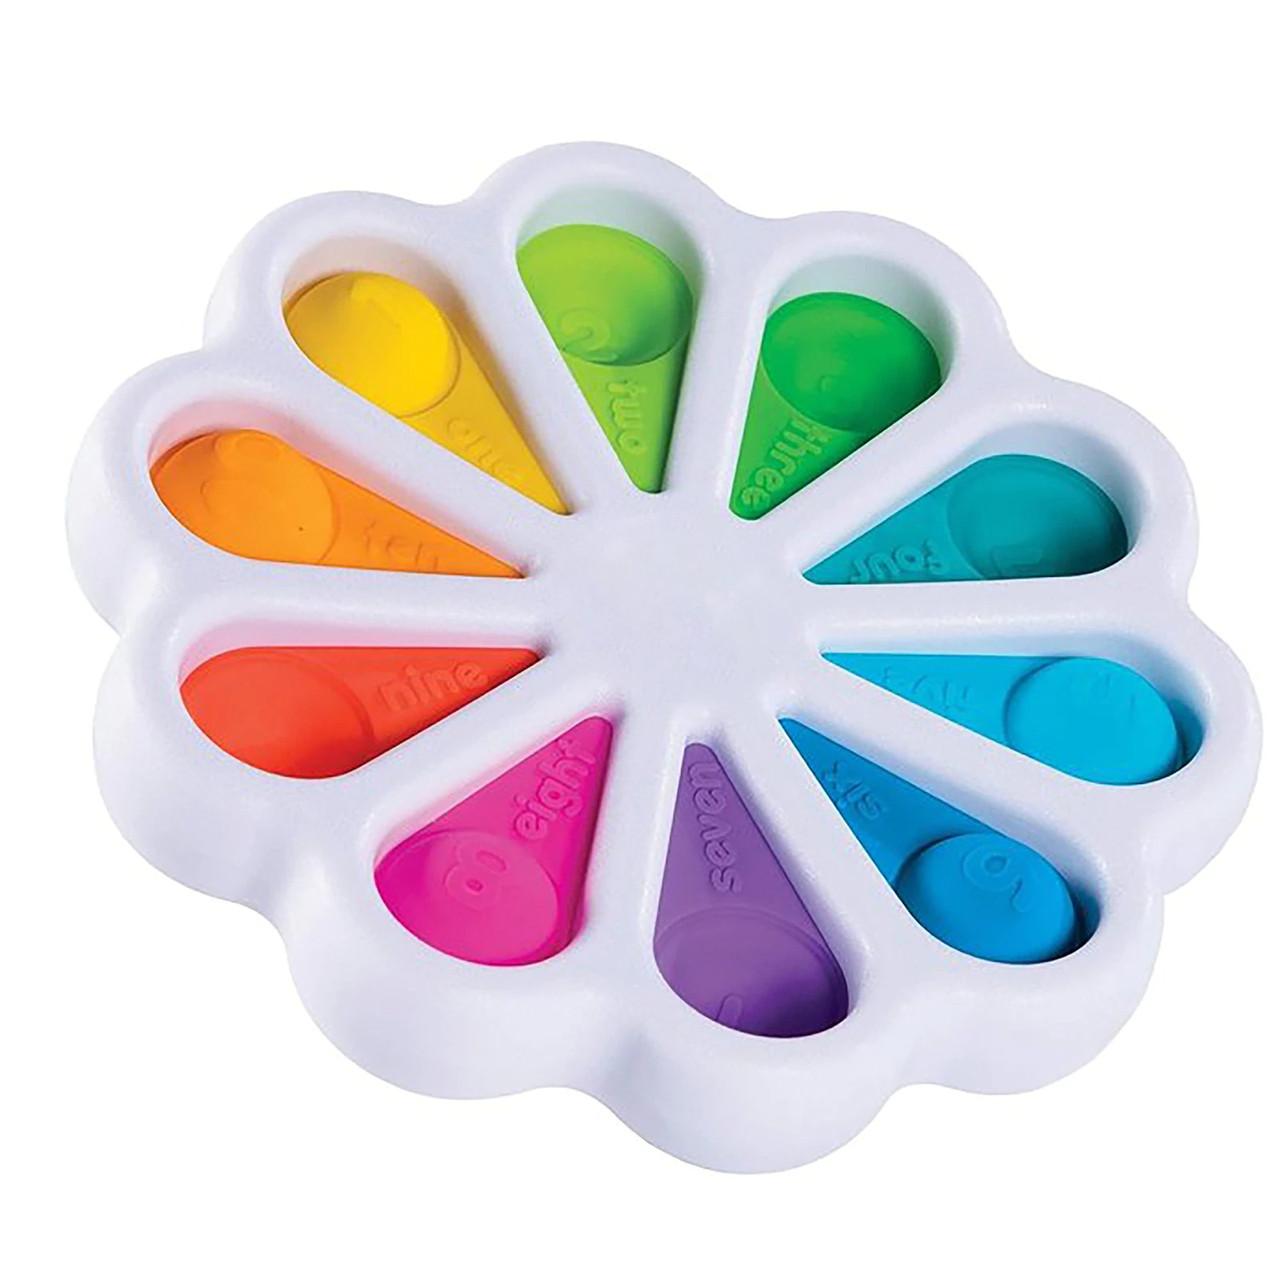 Сенсорная игрушка Simple Dimple поп ит антистресс симпл димпл pop it детский цветок